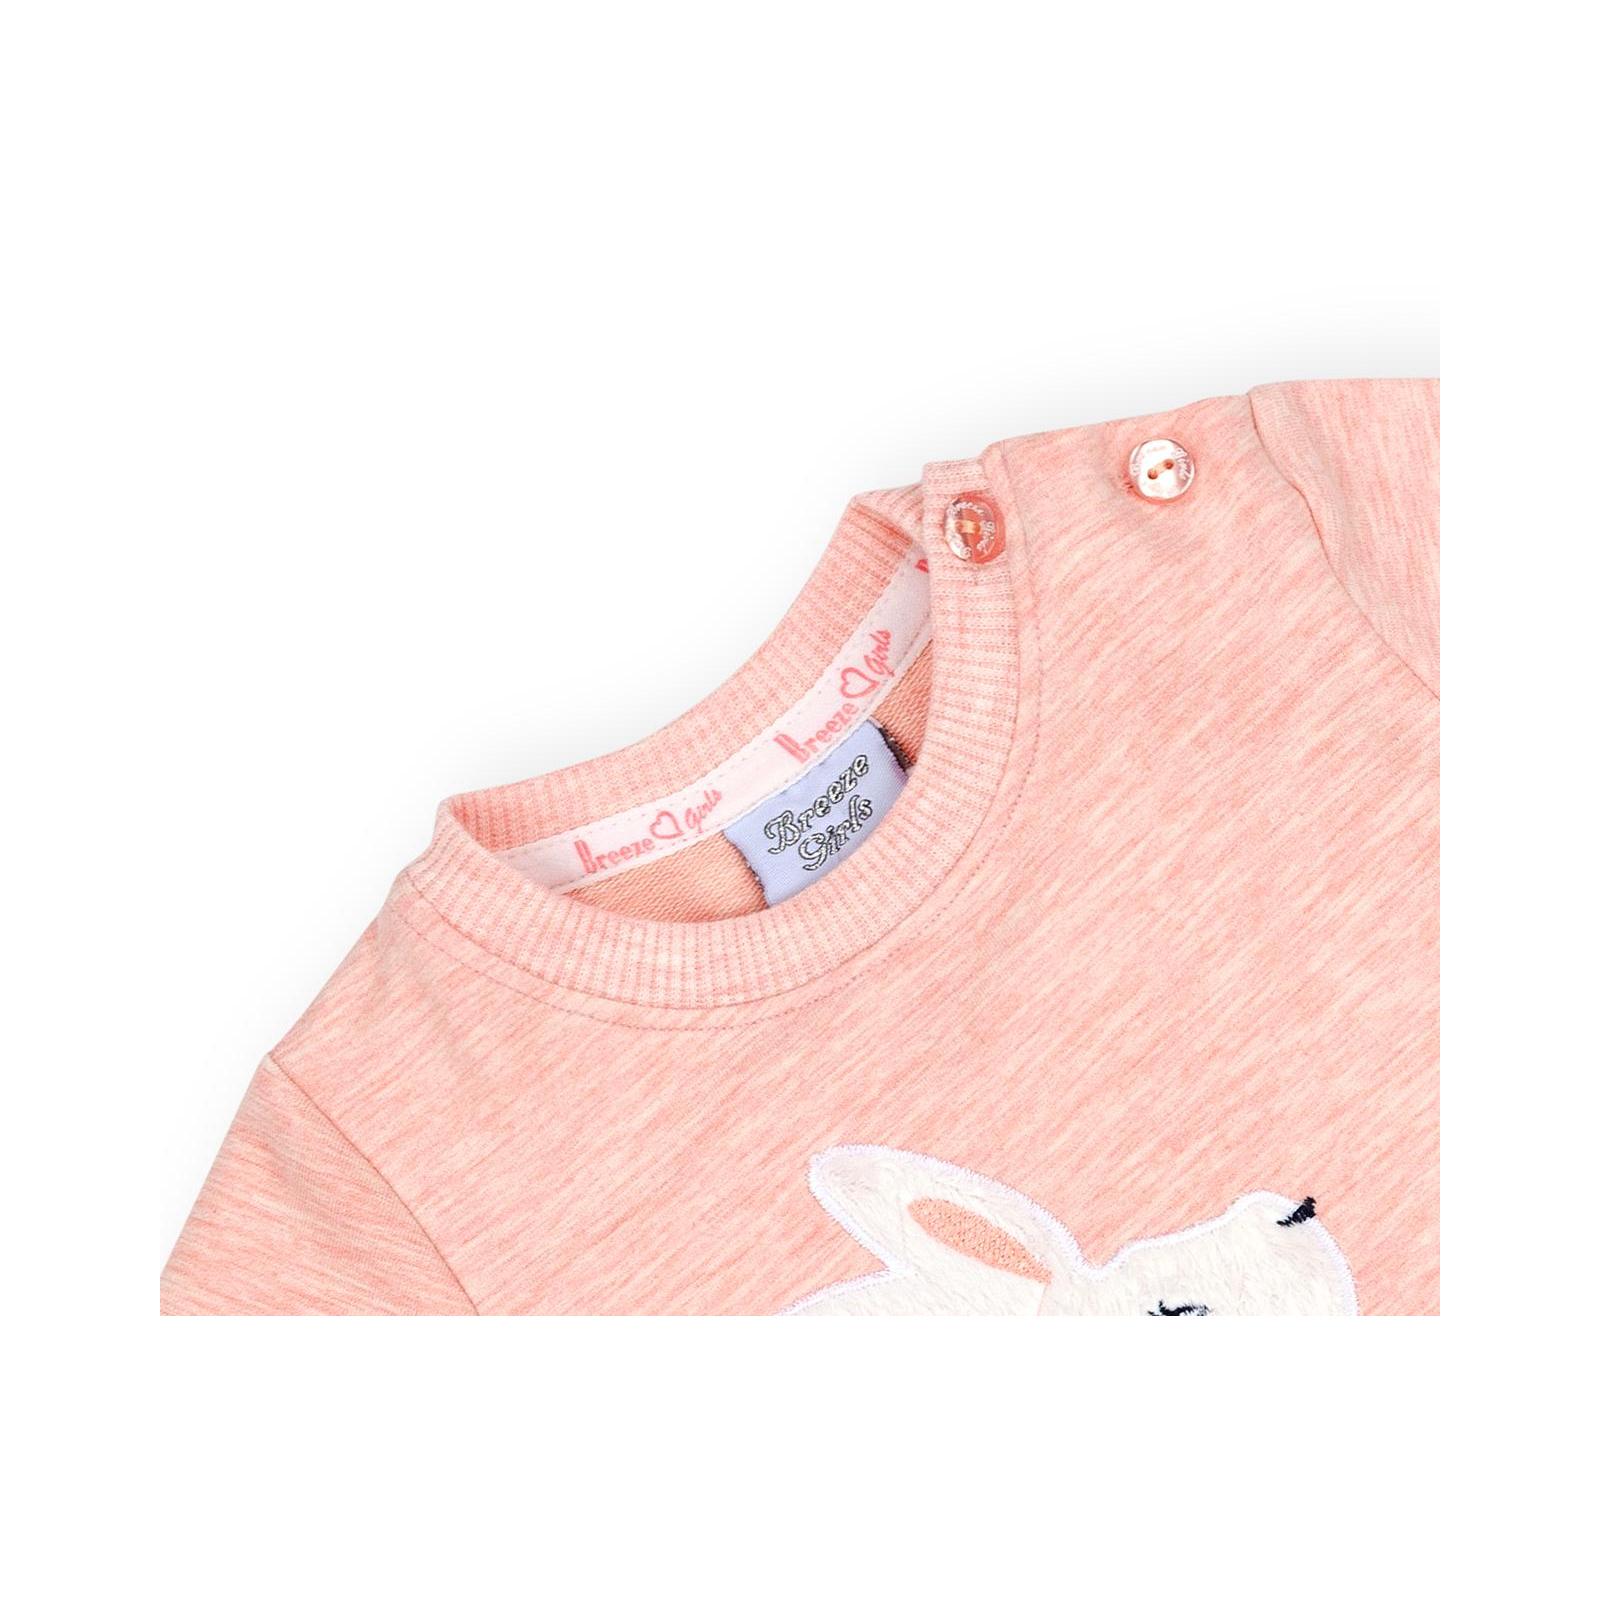 Набор детской одежды Breeze с зайчиками (10214-80G-peach) изображение 7